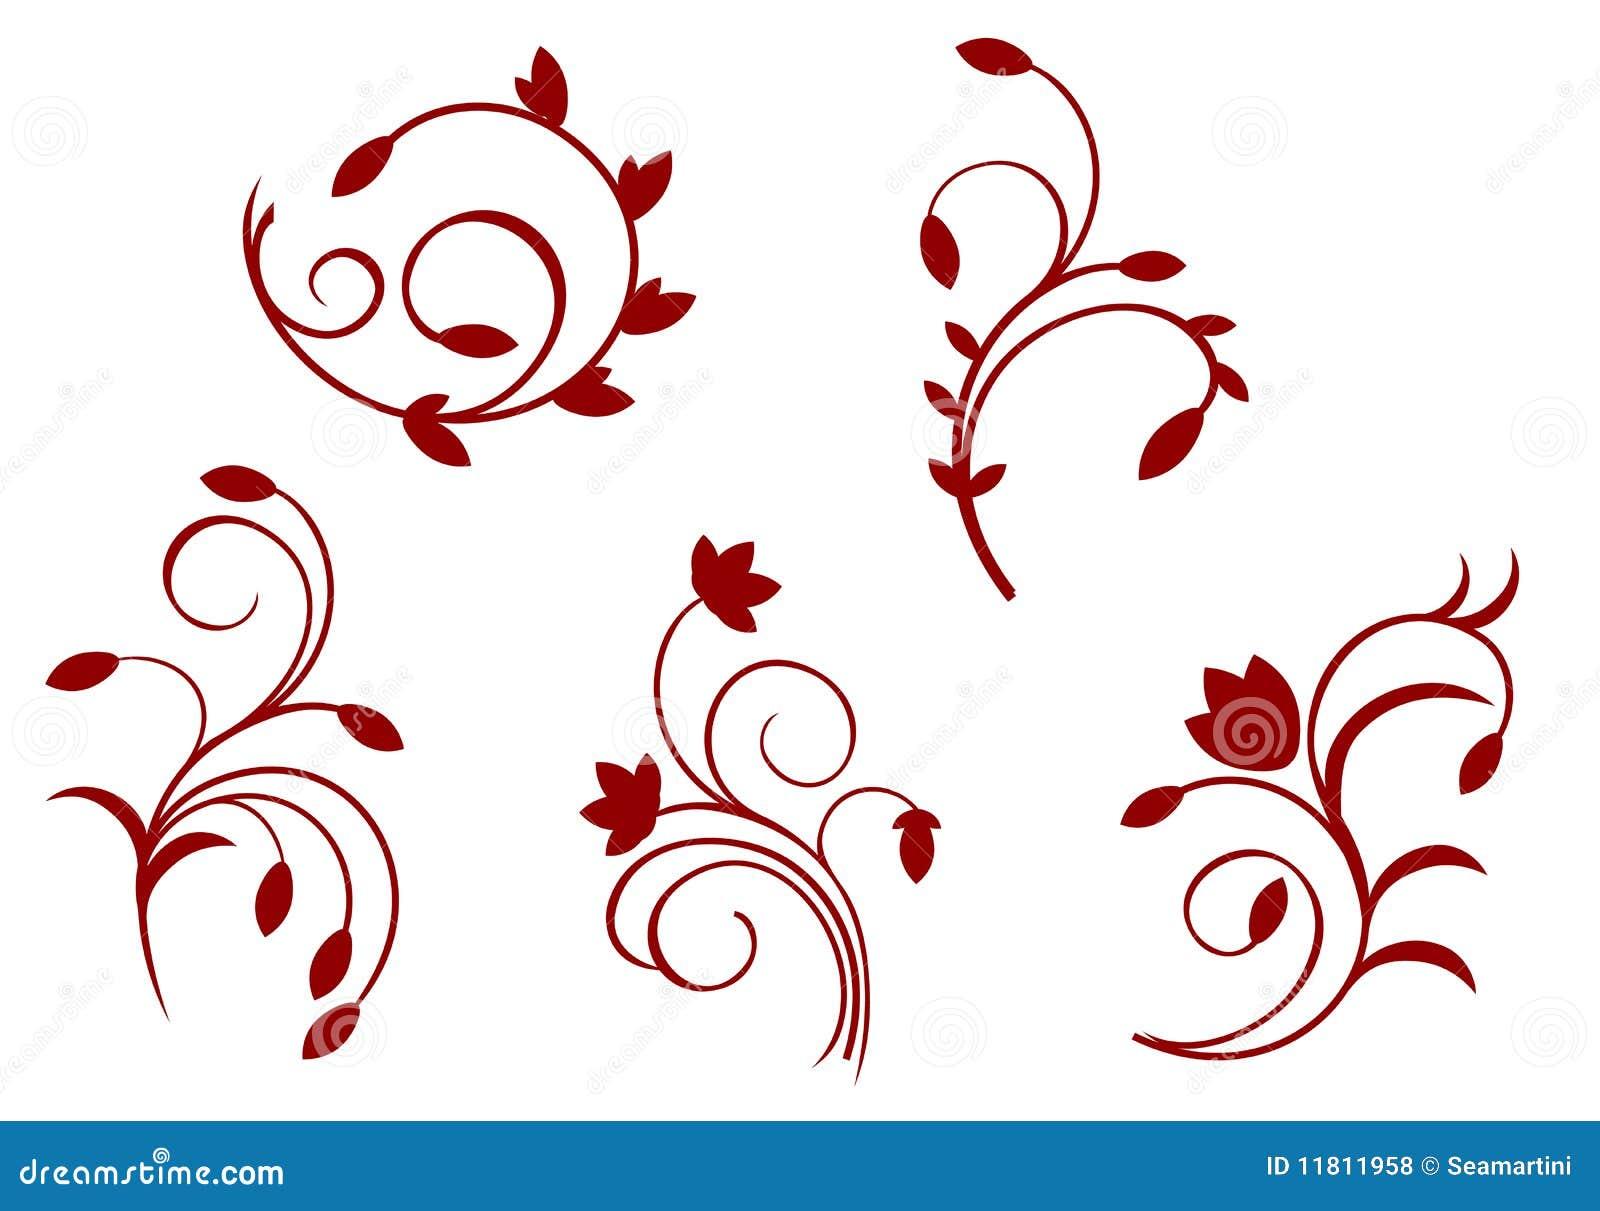 Decorazioni floreali di semplicit illustrazione for Cornici semplici per foto